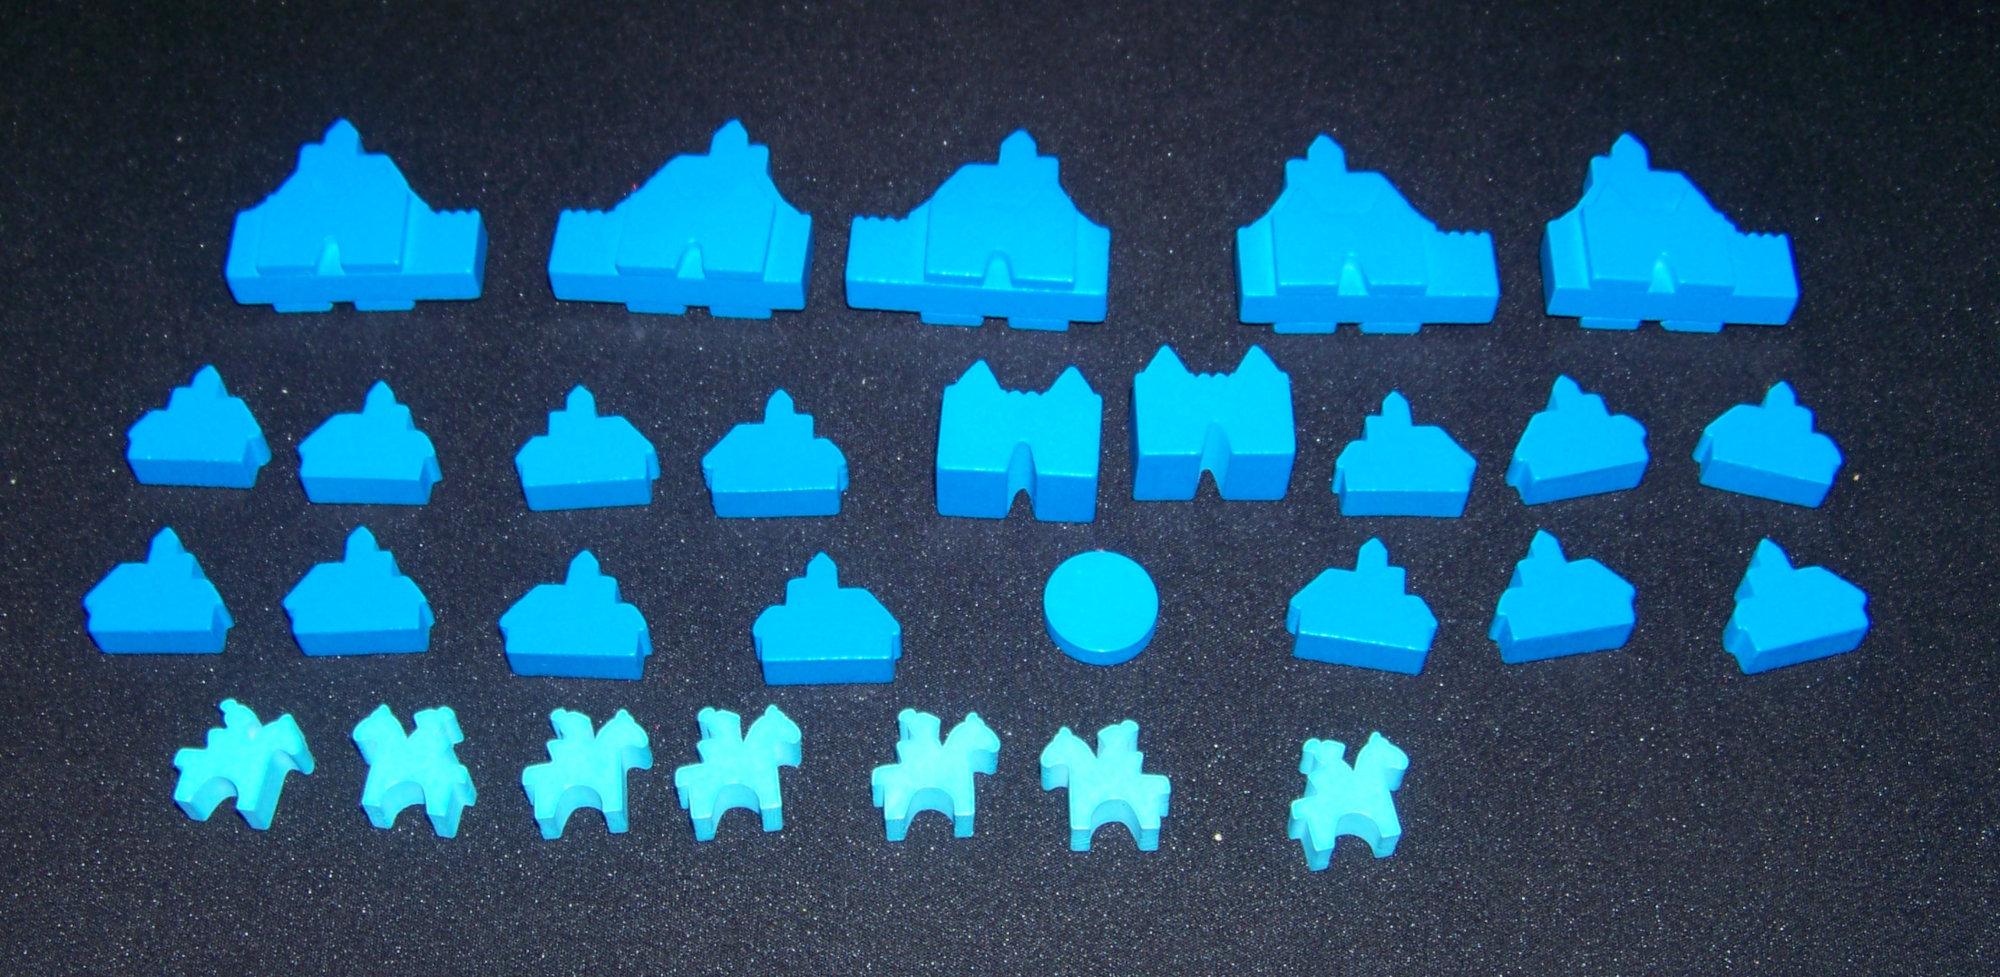 Detalle de las maderitas de la jugadora azul - Barony